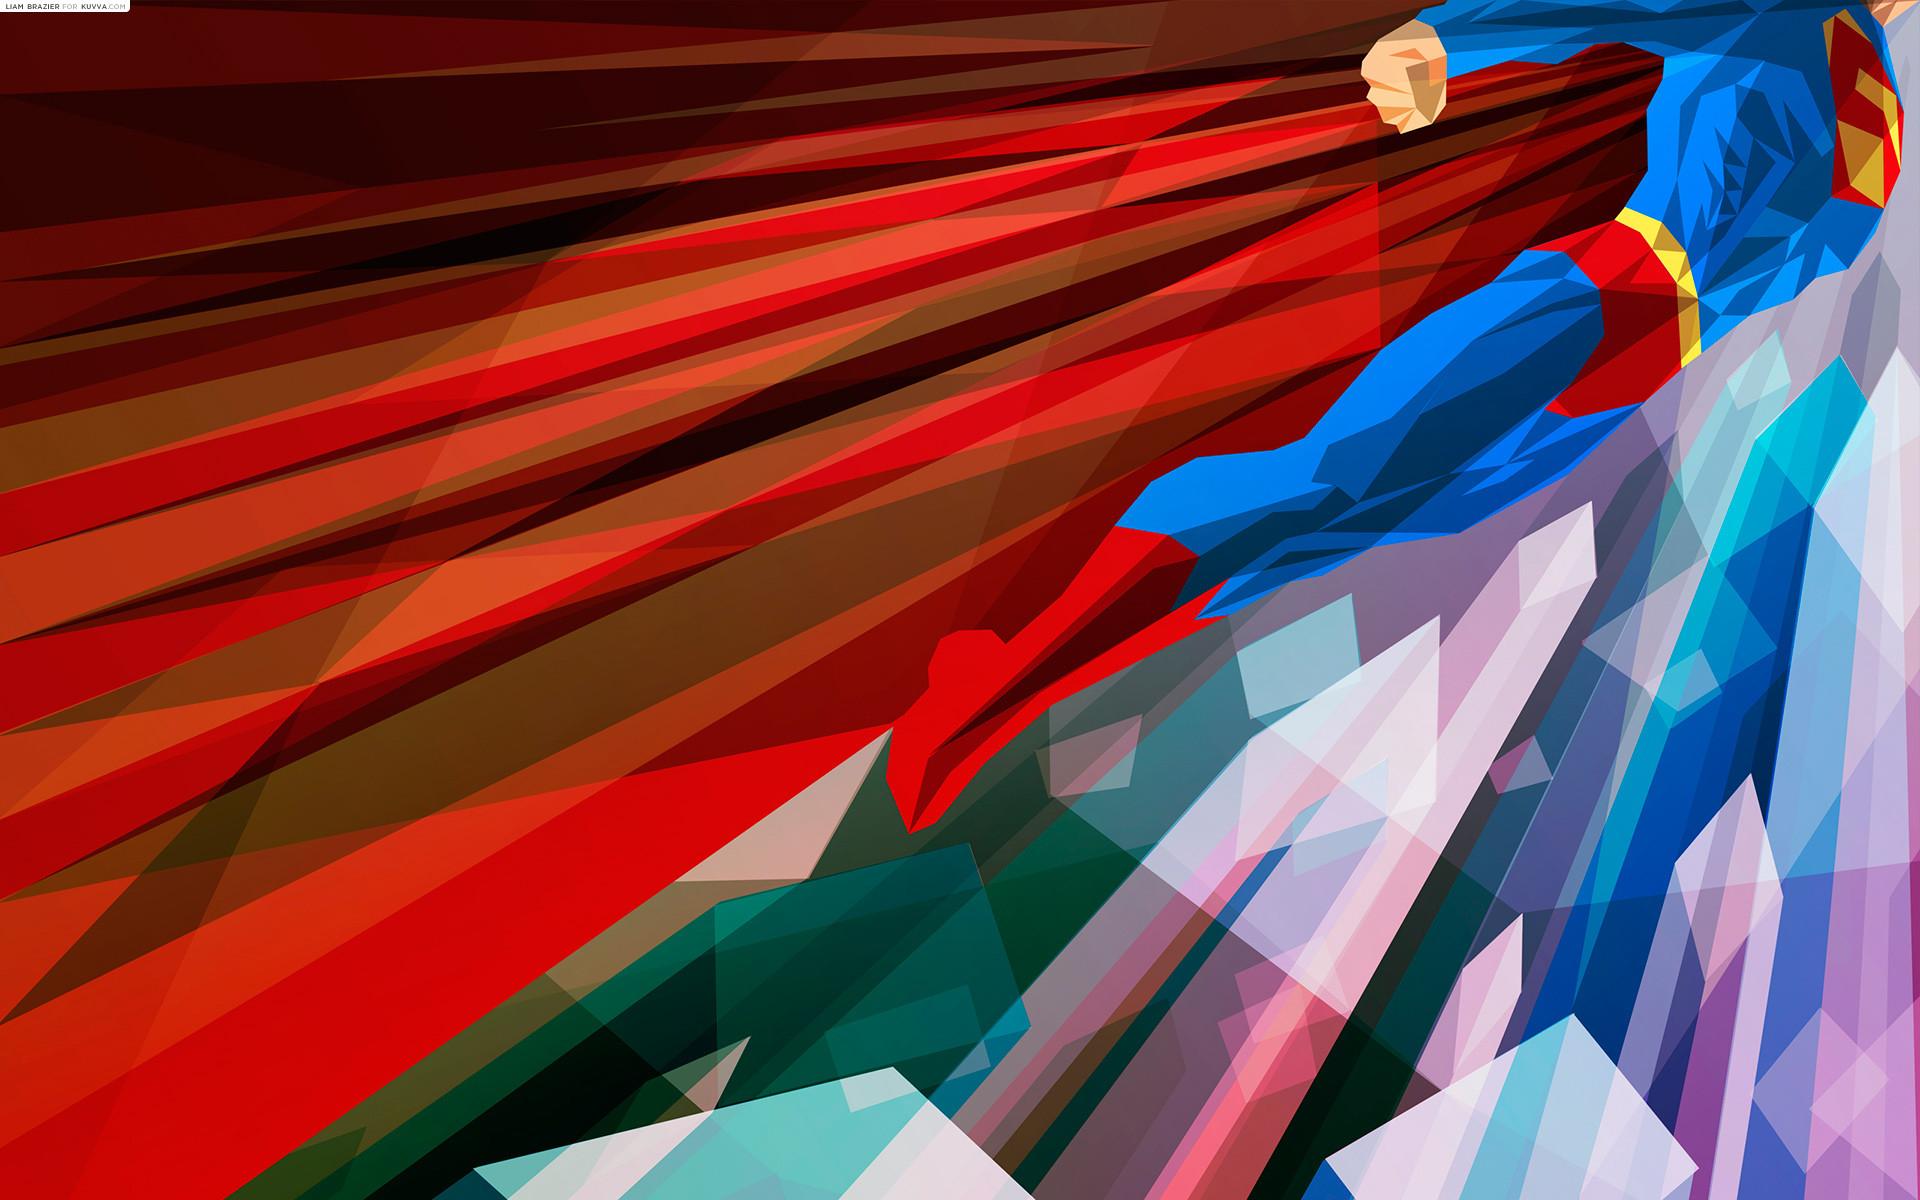 Superman Computer Wallpapers Desktop Backgrounds 1920x1200 ID 1920x1200